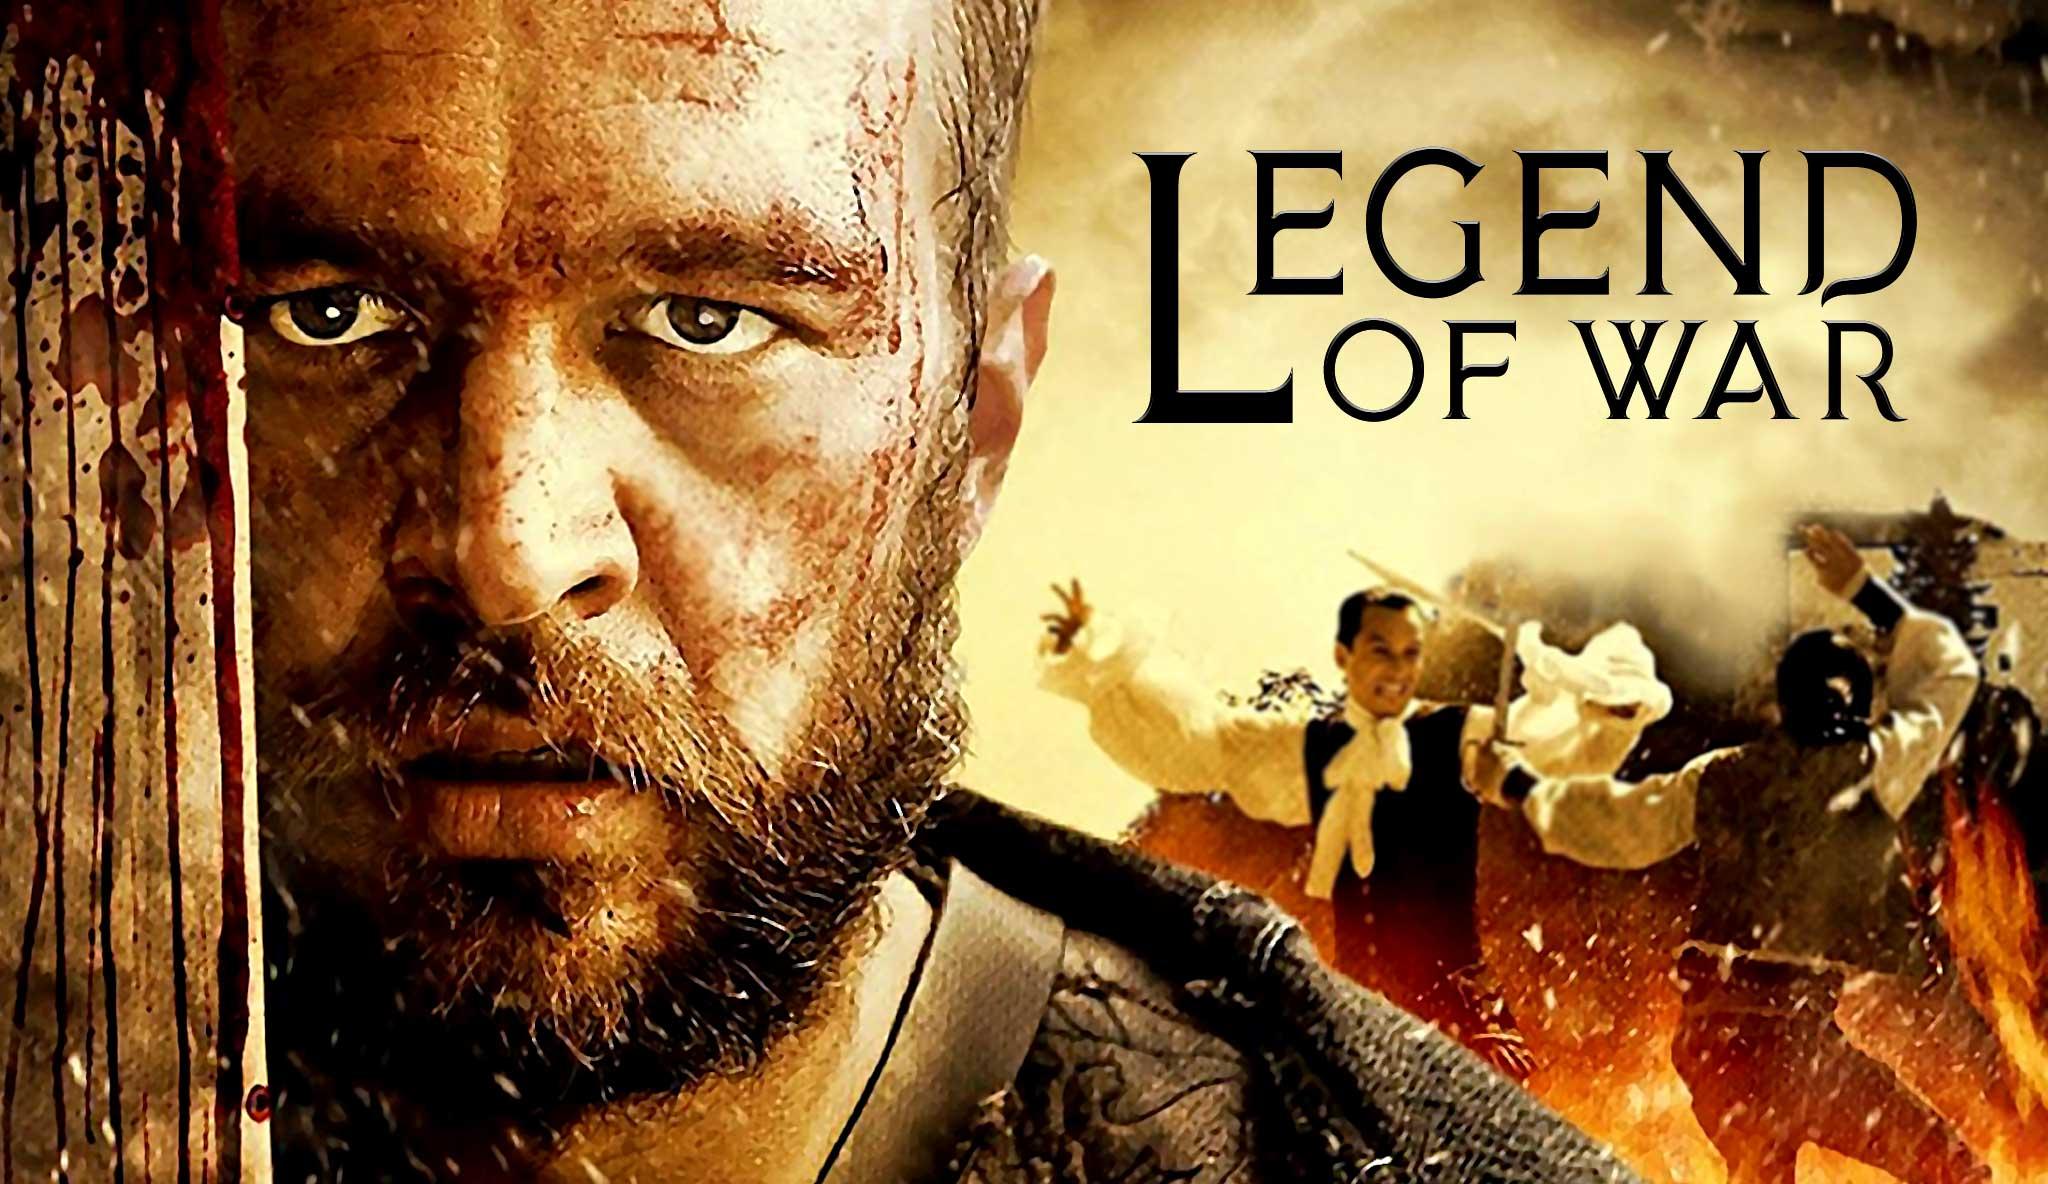 legend-of-war\header.jpg